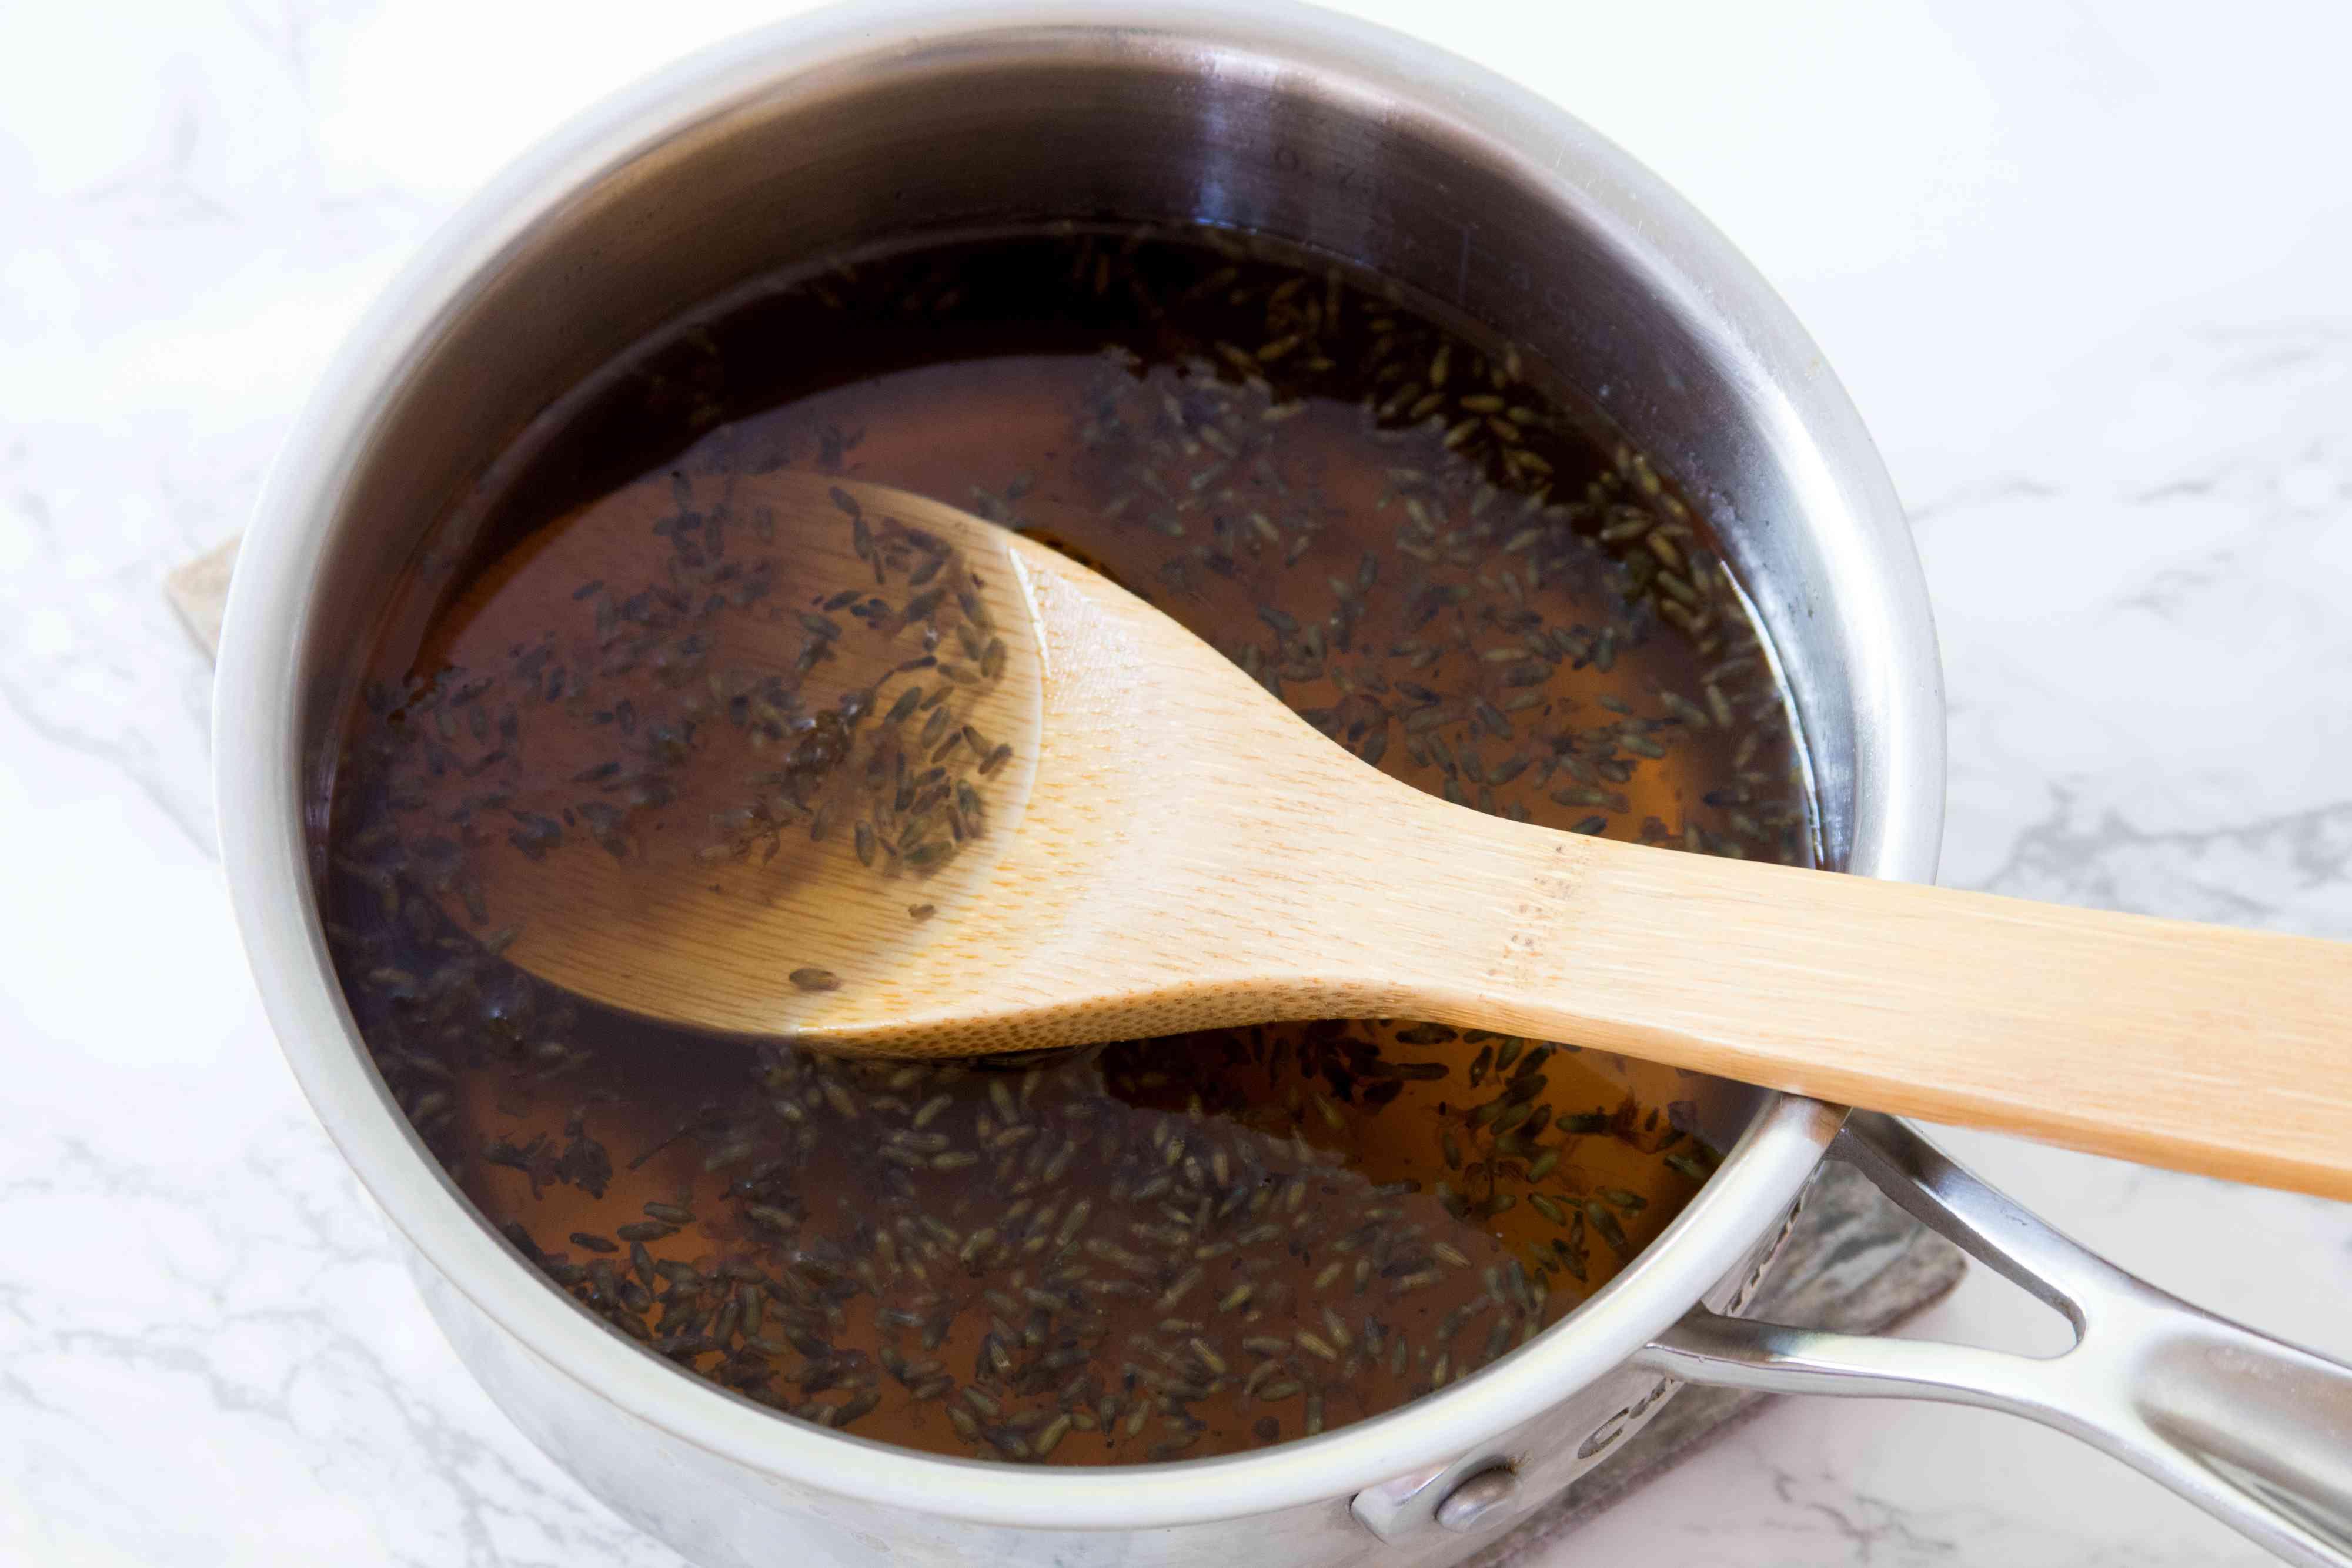 Making Lavender Honey Syrup